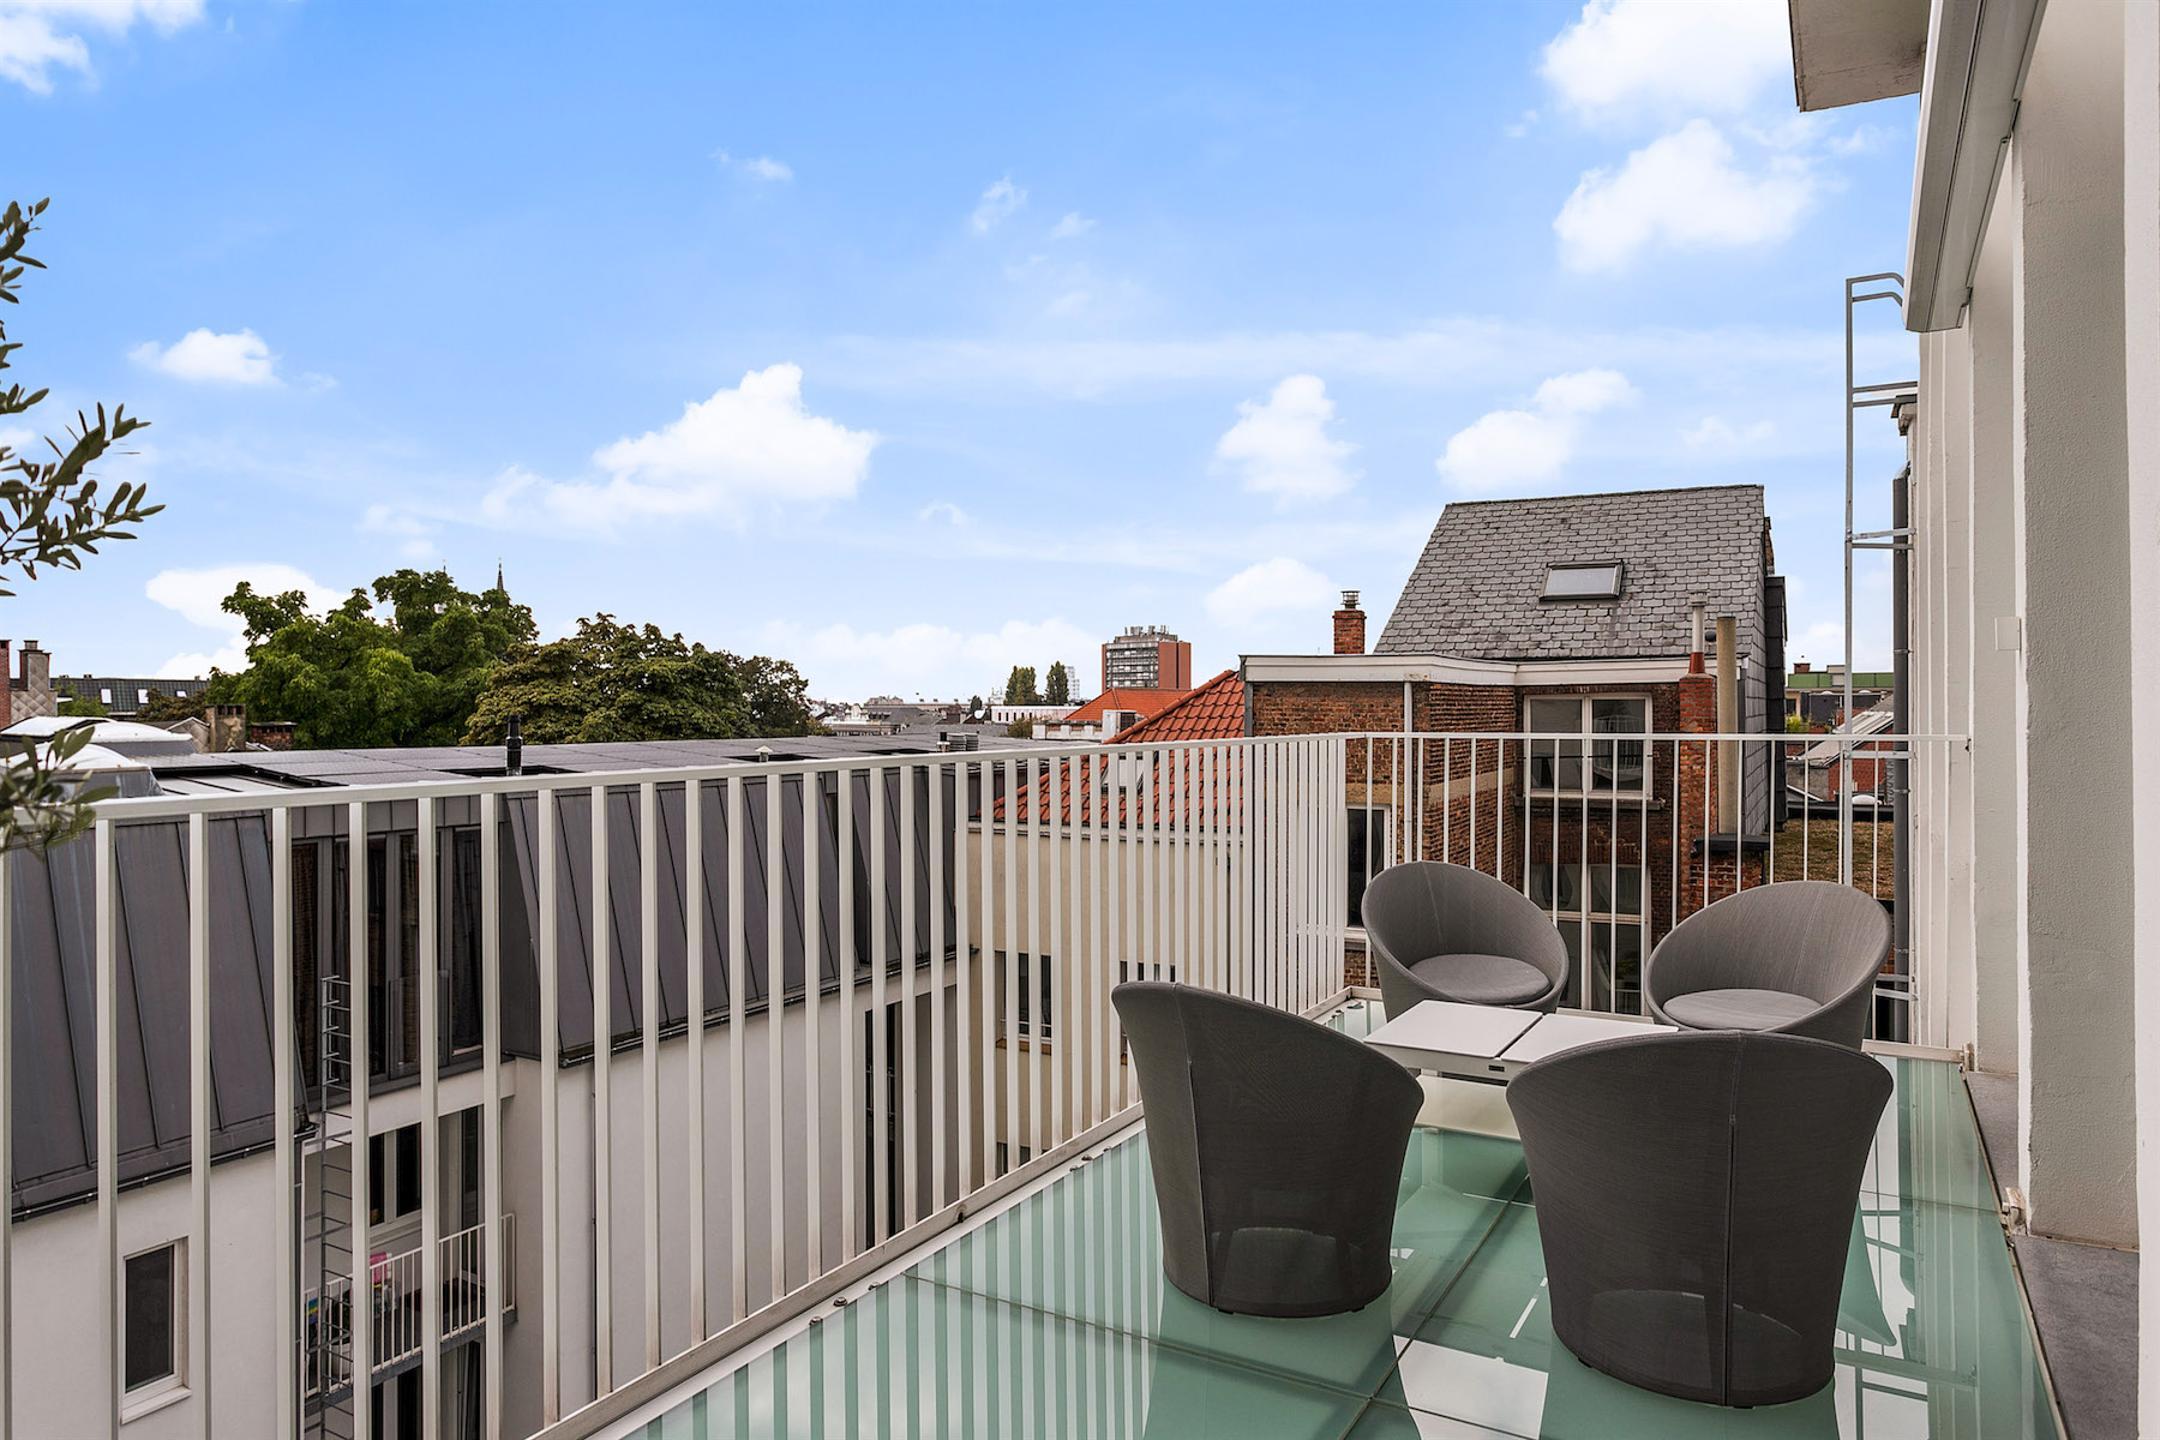 Makelaarskantoor De Meester, Appartement|Uitzonderlijk appartement te 2000 Antwerpen